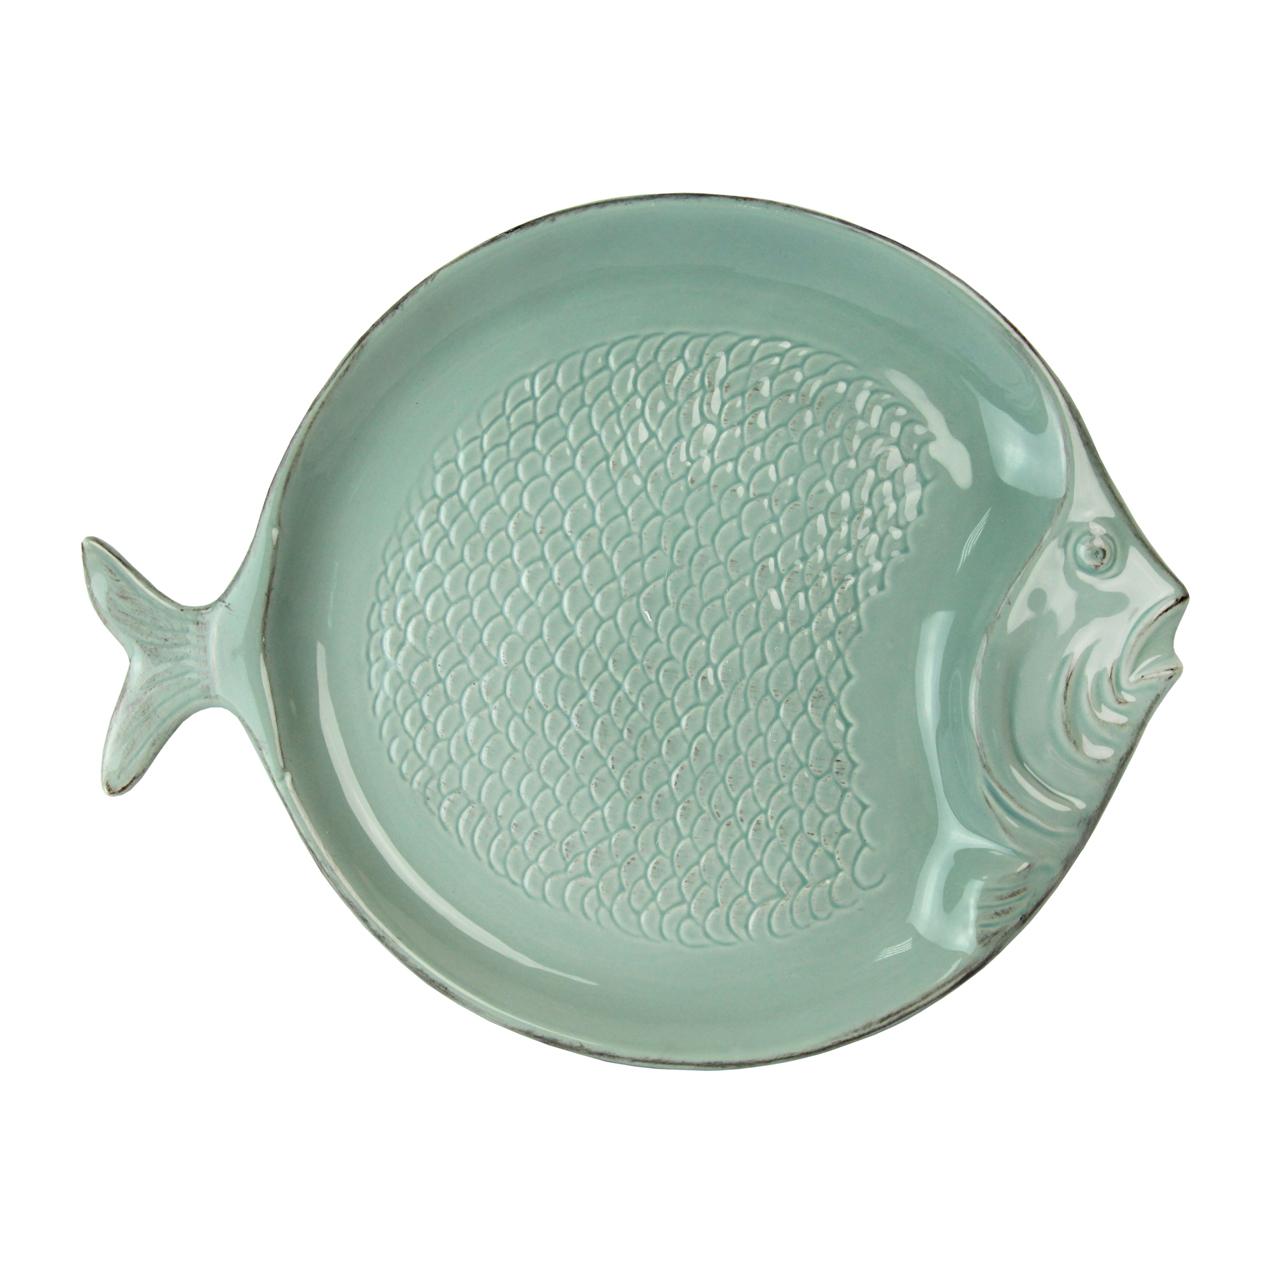 Platou Peste Din Ceramica Turcoaz 31x24 Cm